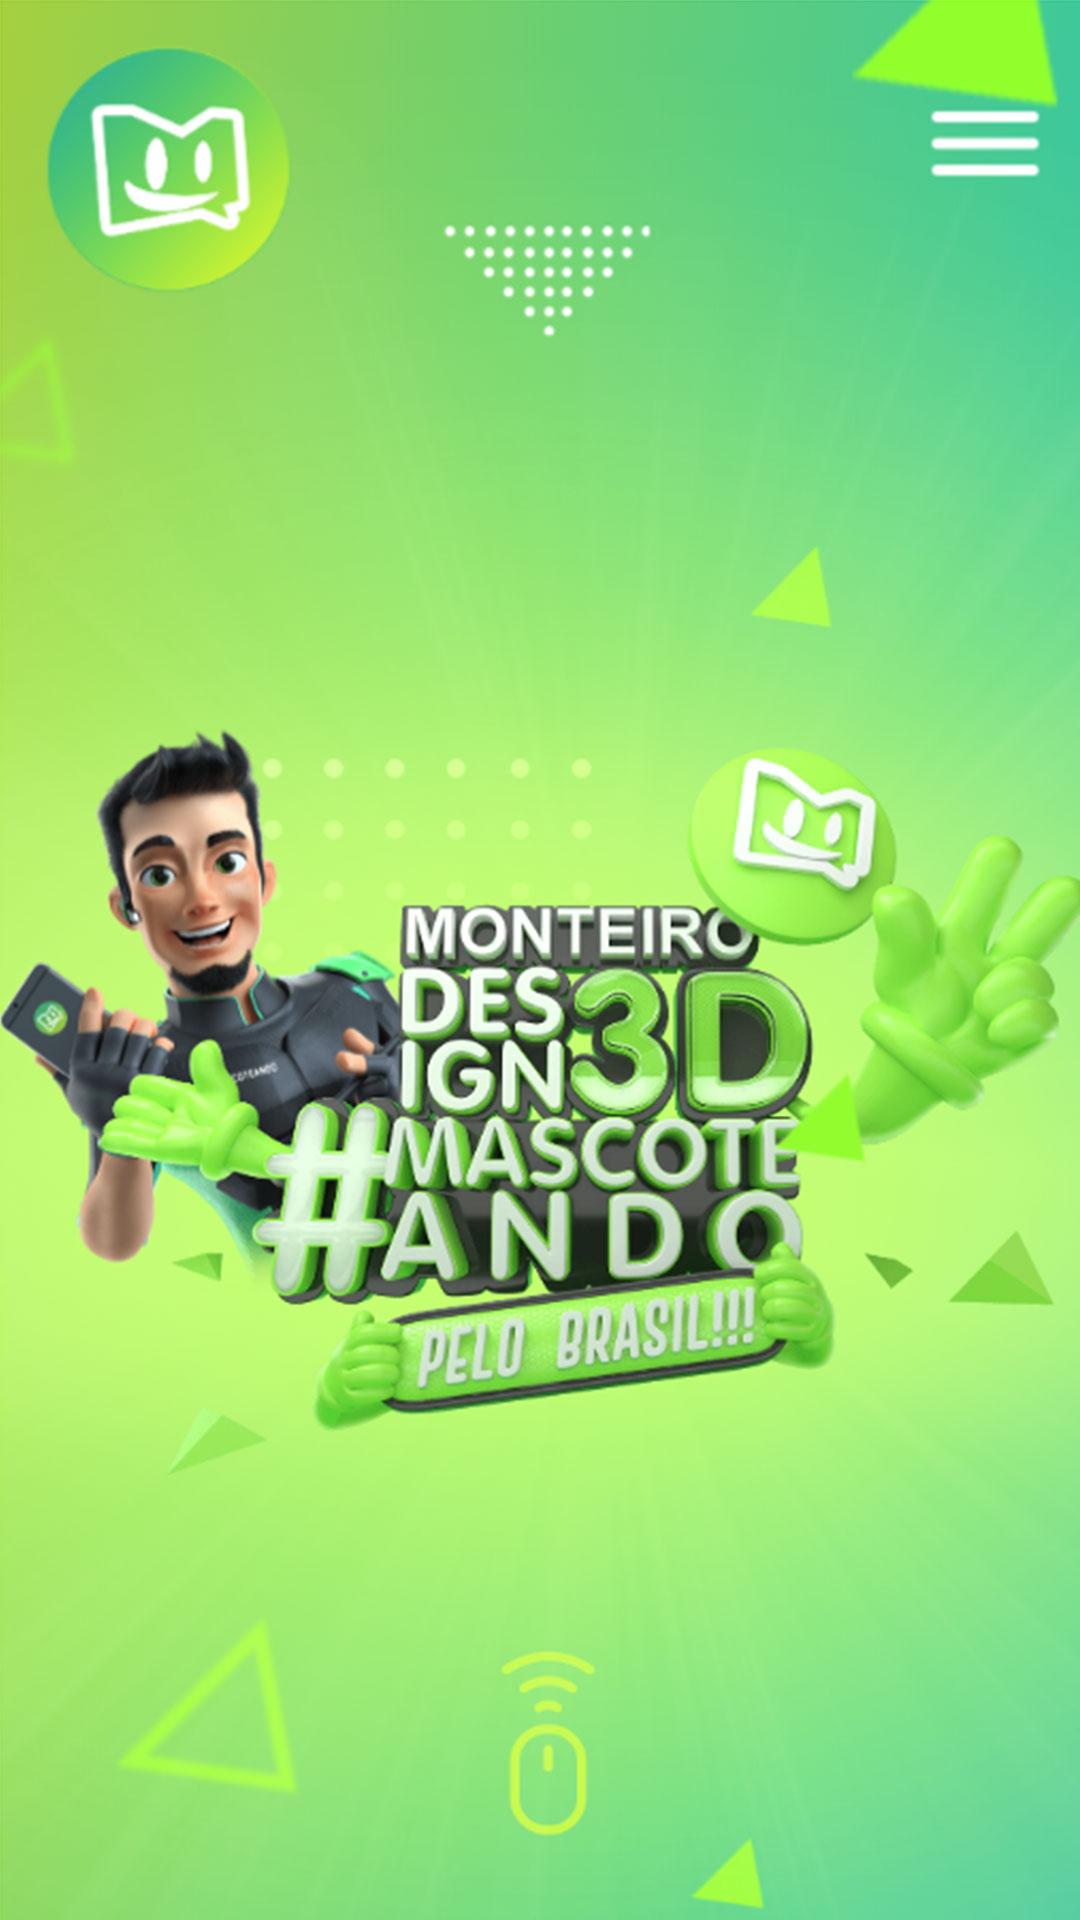 Mobile: Monteiro Design 3d